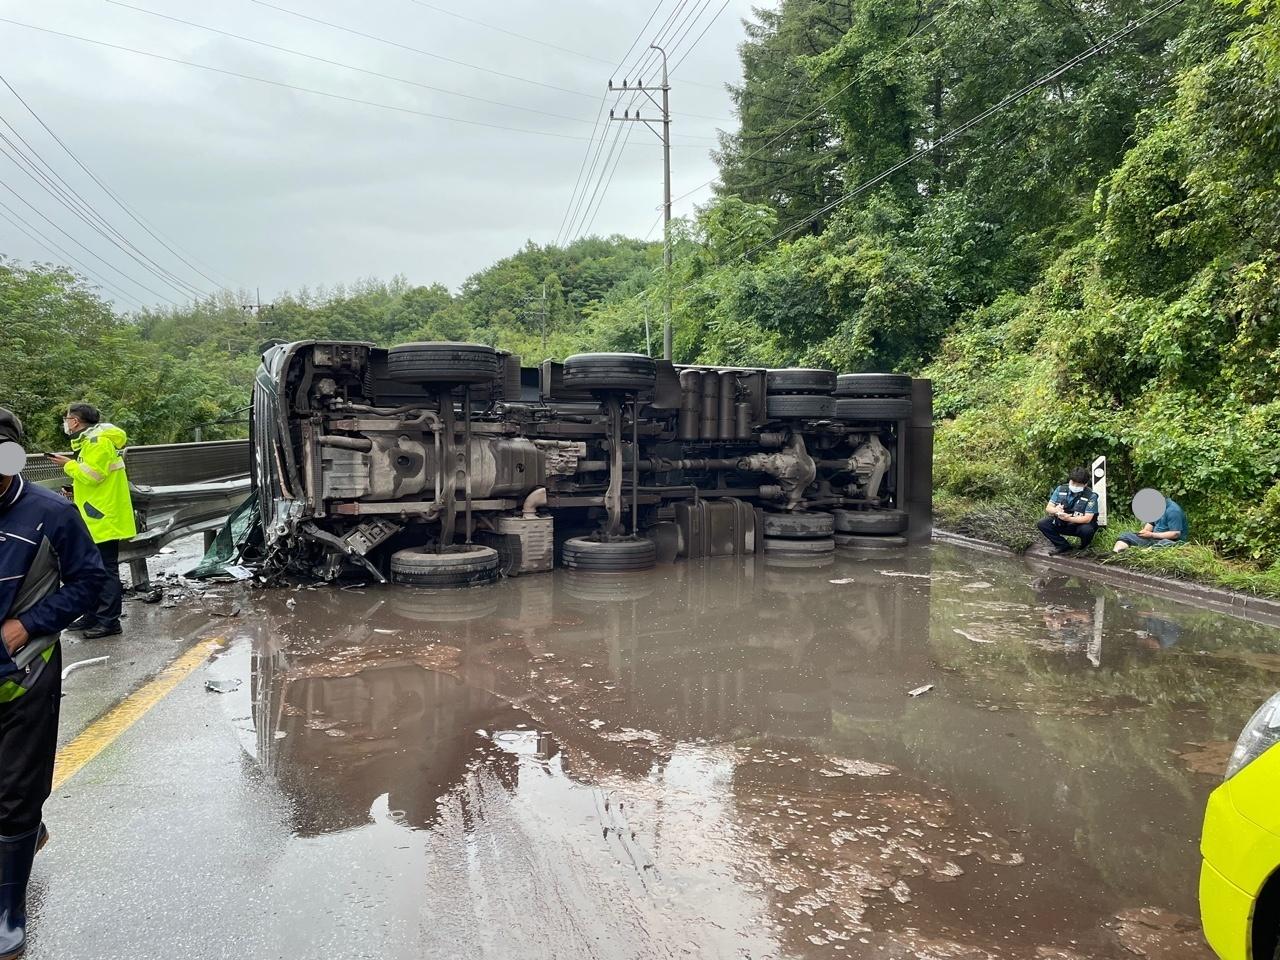 [단양 국도 5호선에서 25톤 화물차 전도, 폐기물 찌꺼기 쏟아져] 뉴스 이미지